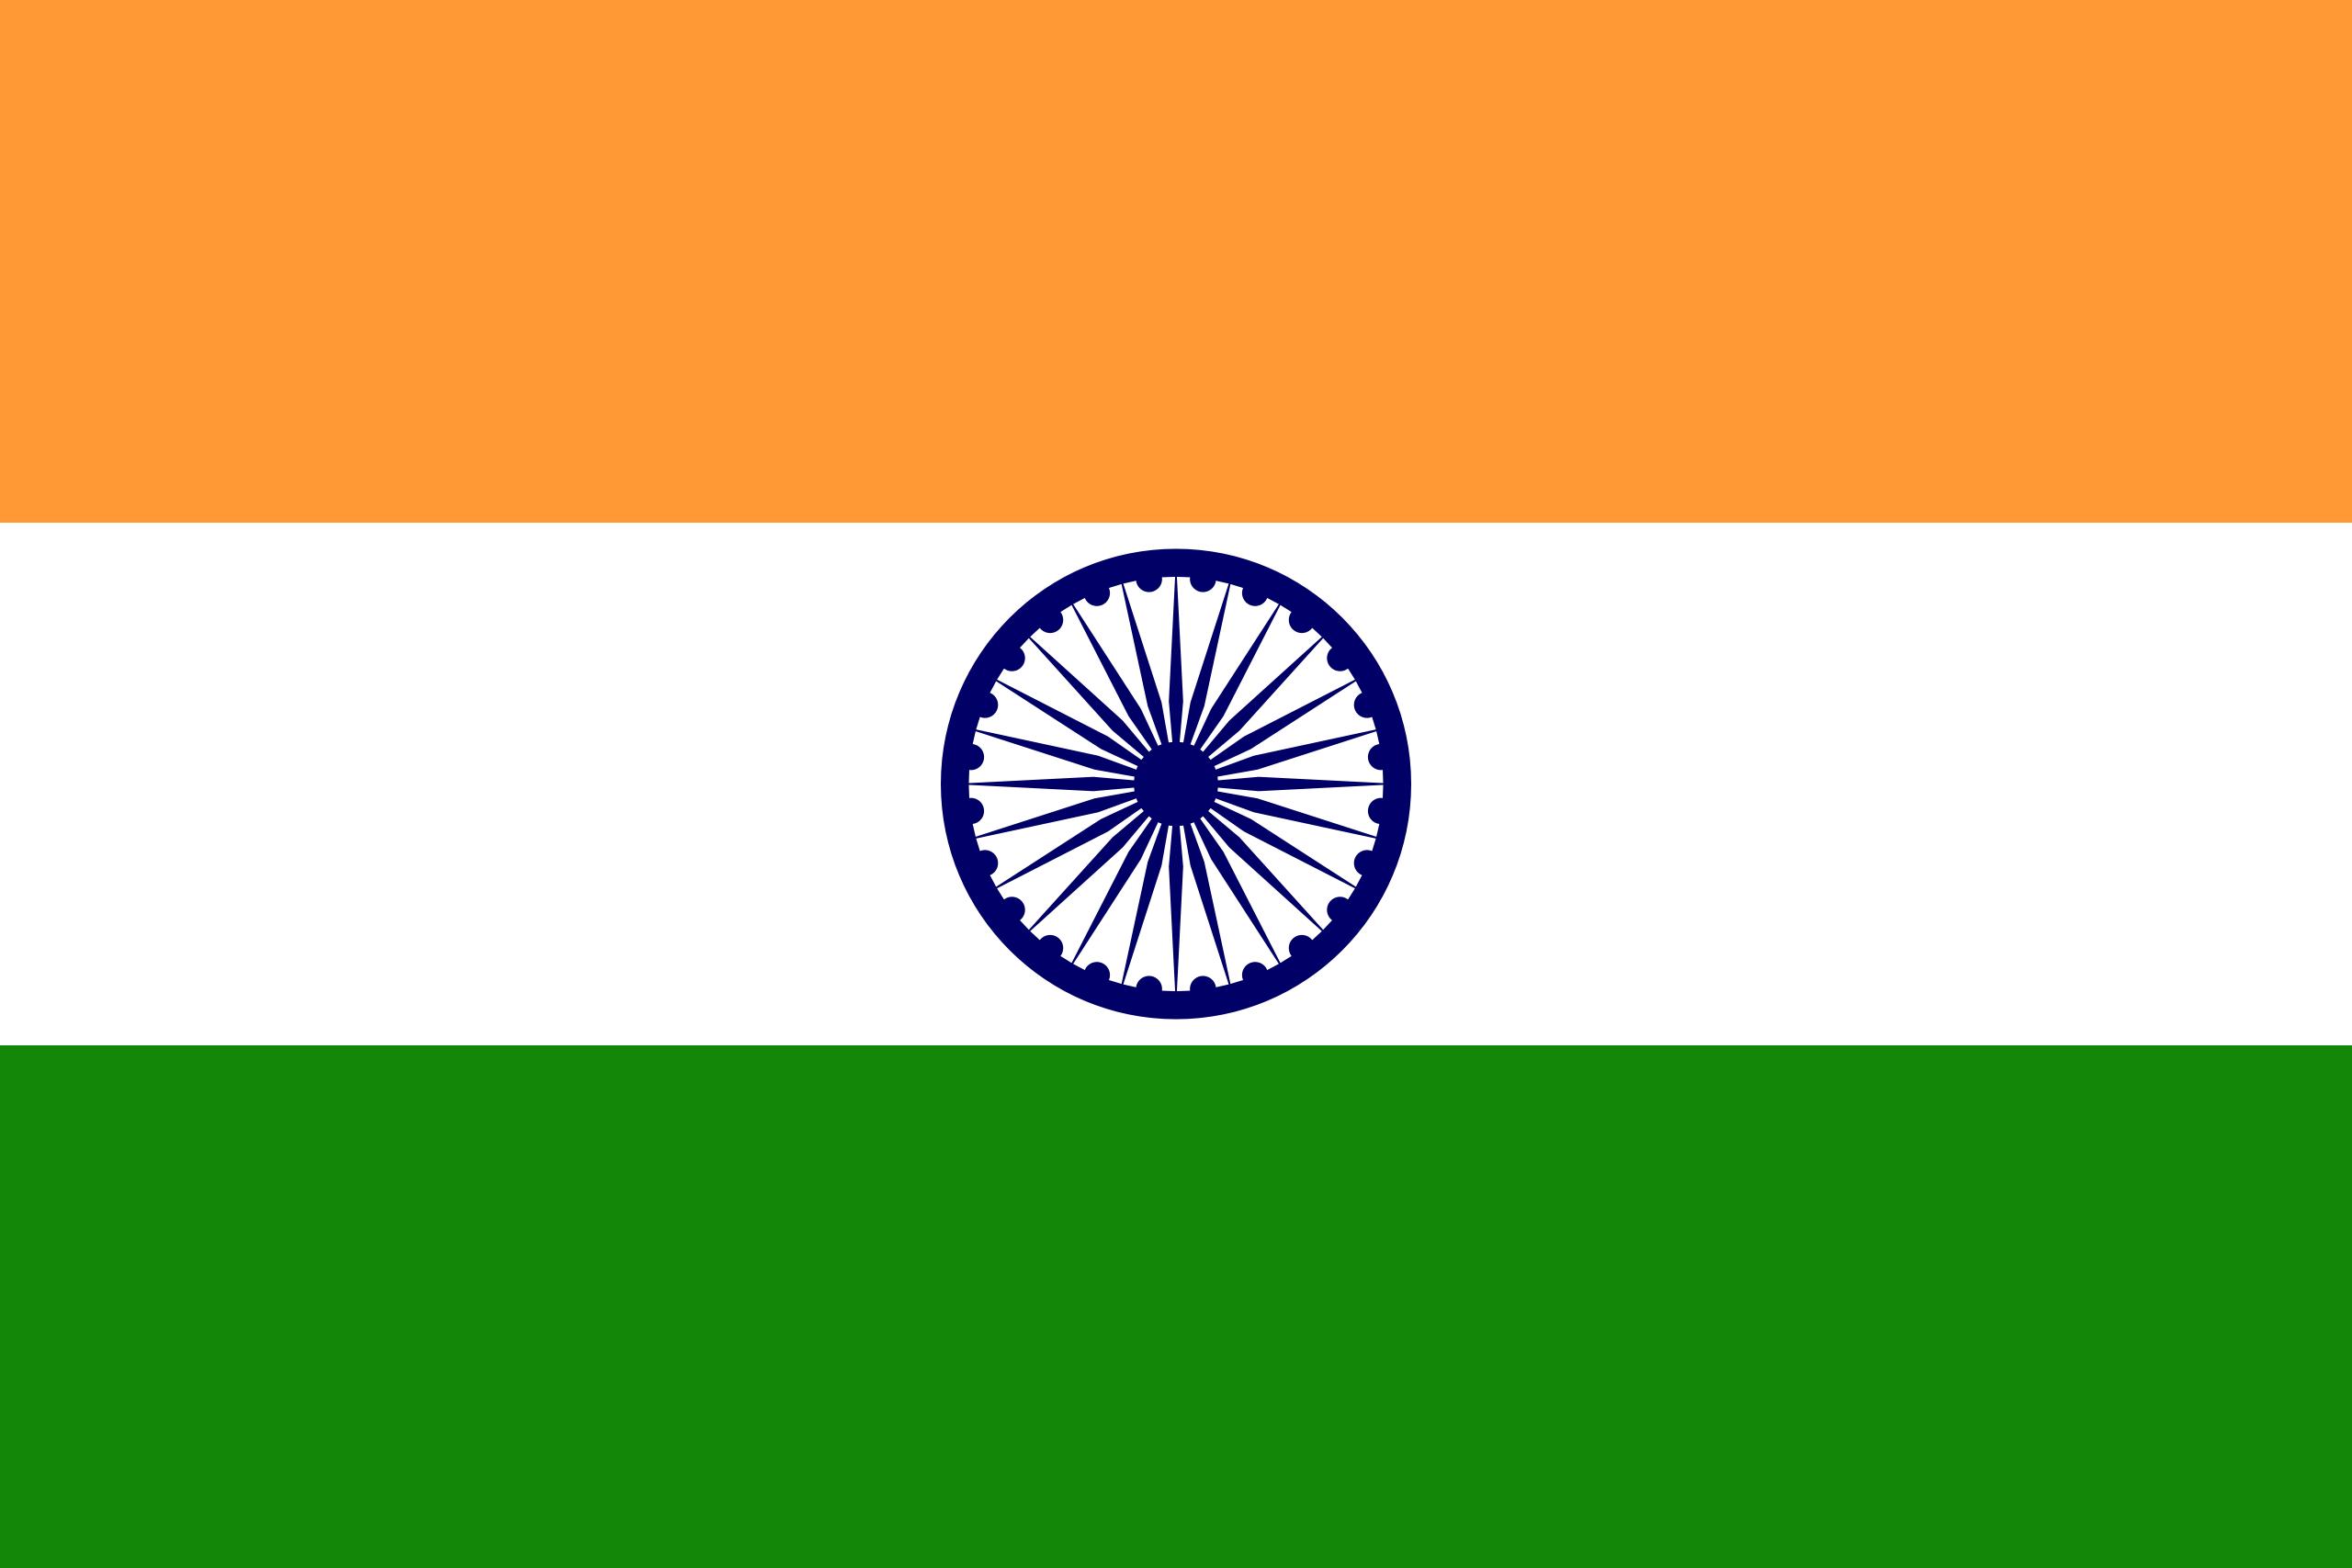 Индия, страна, Эмблема, логотип, символ - Обои HD - Профессор falken.com